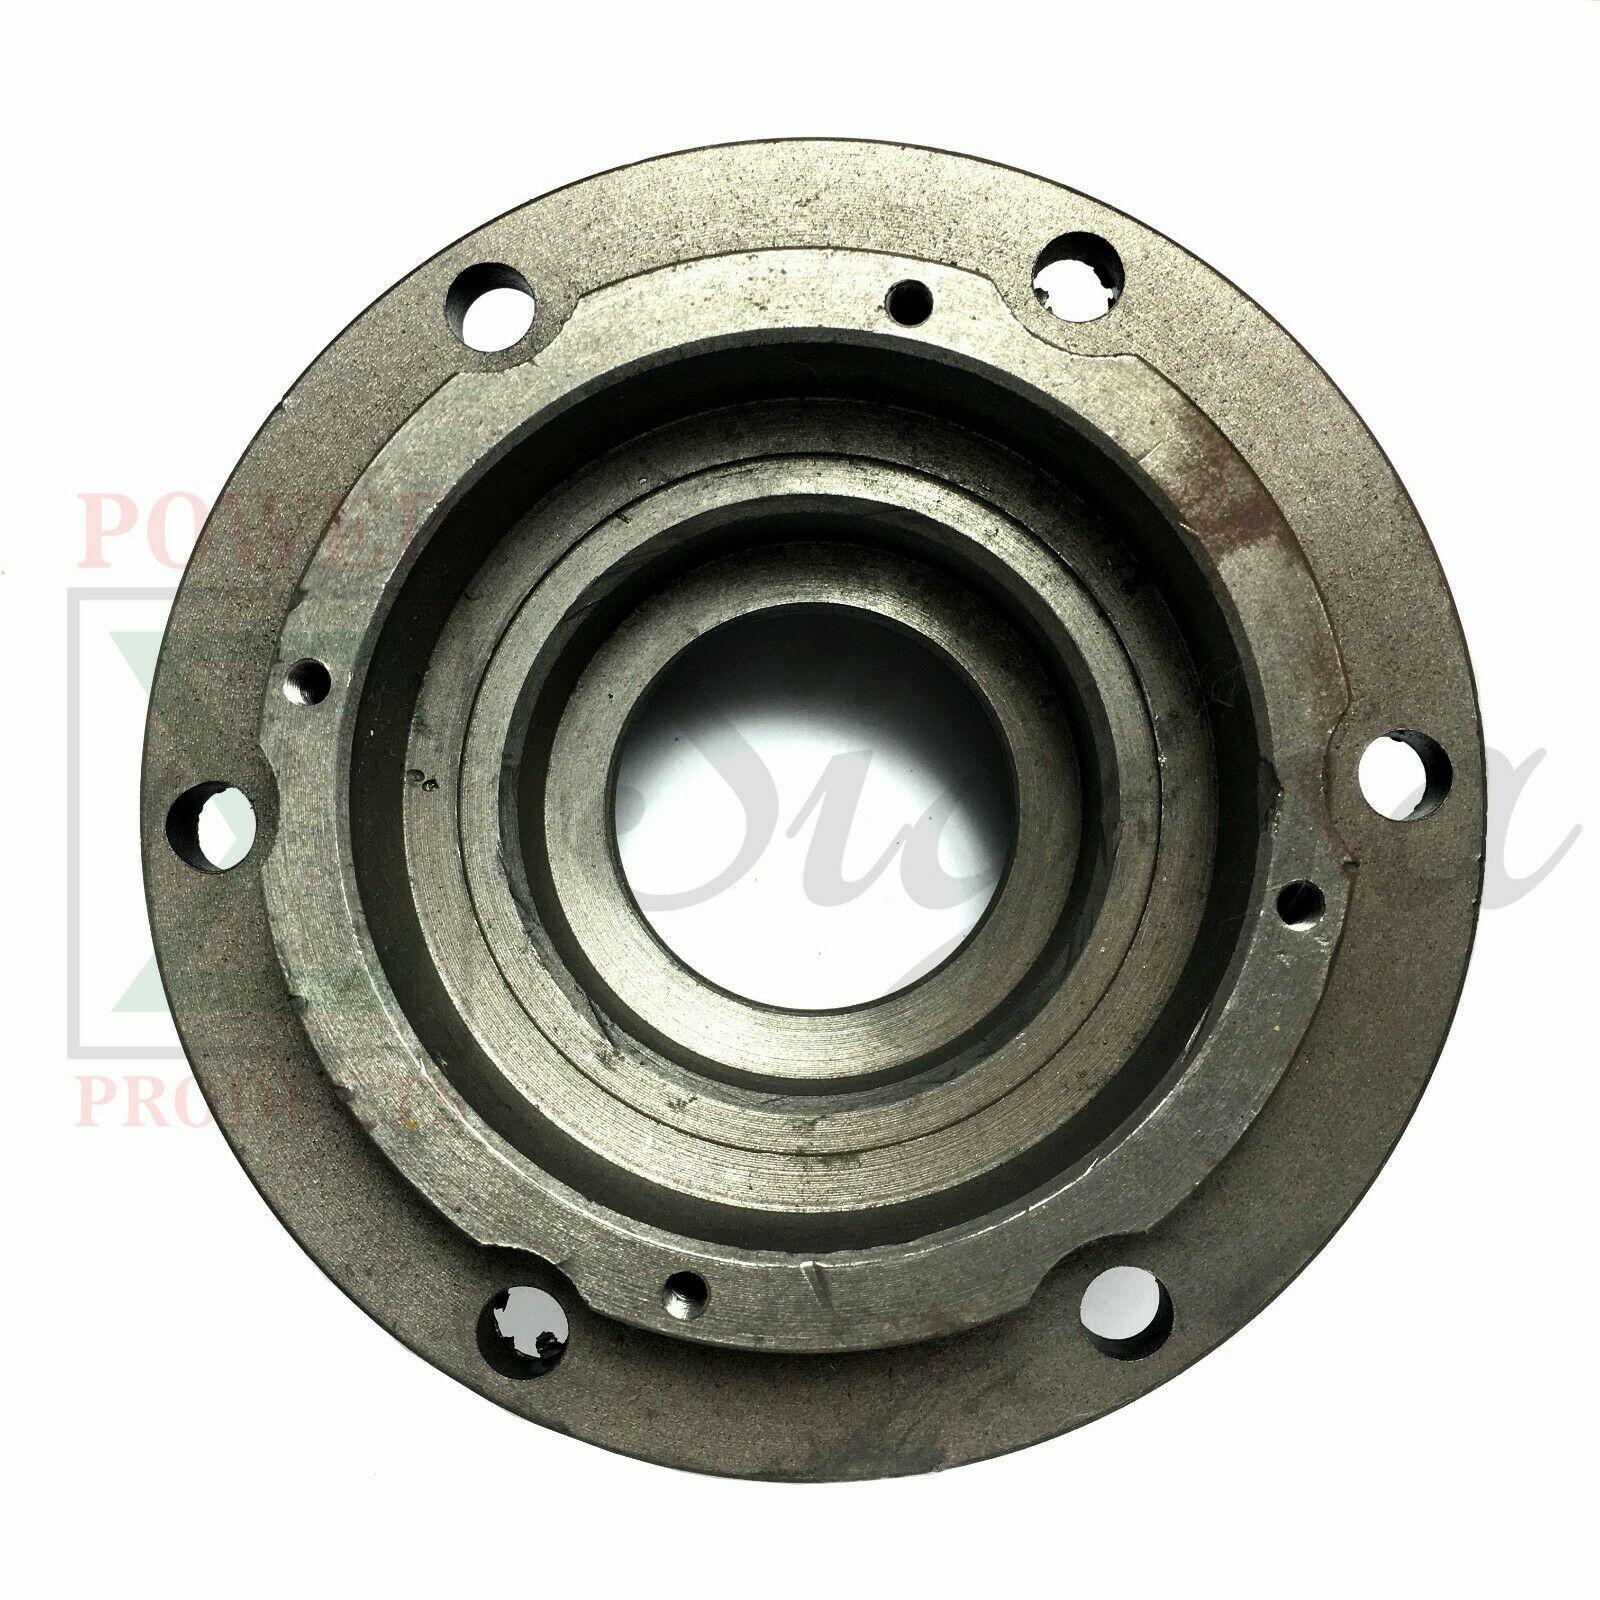 3-Point Tiller Slip Clutch PTO Shaft For ASC Rotary Tiller 77709 77710 77711